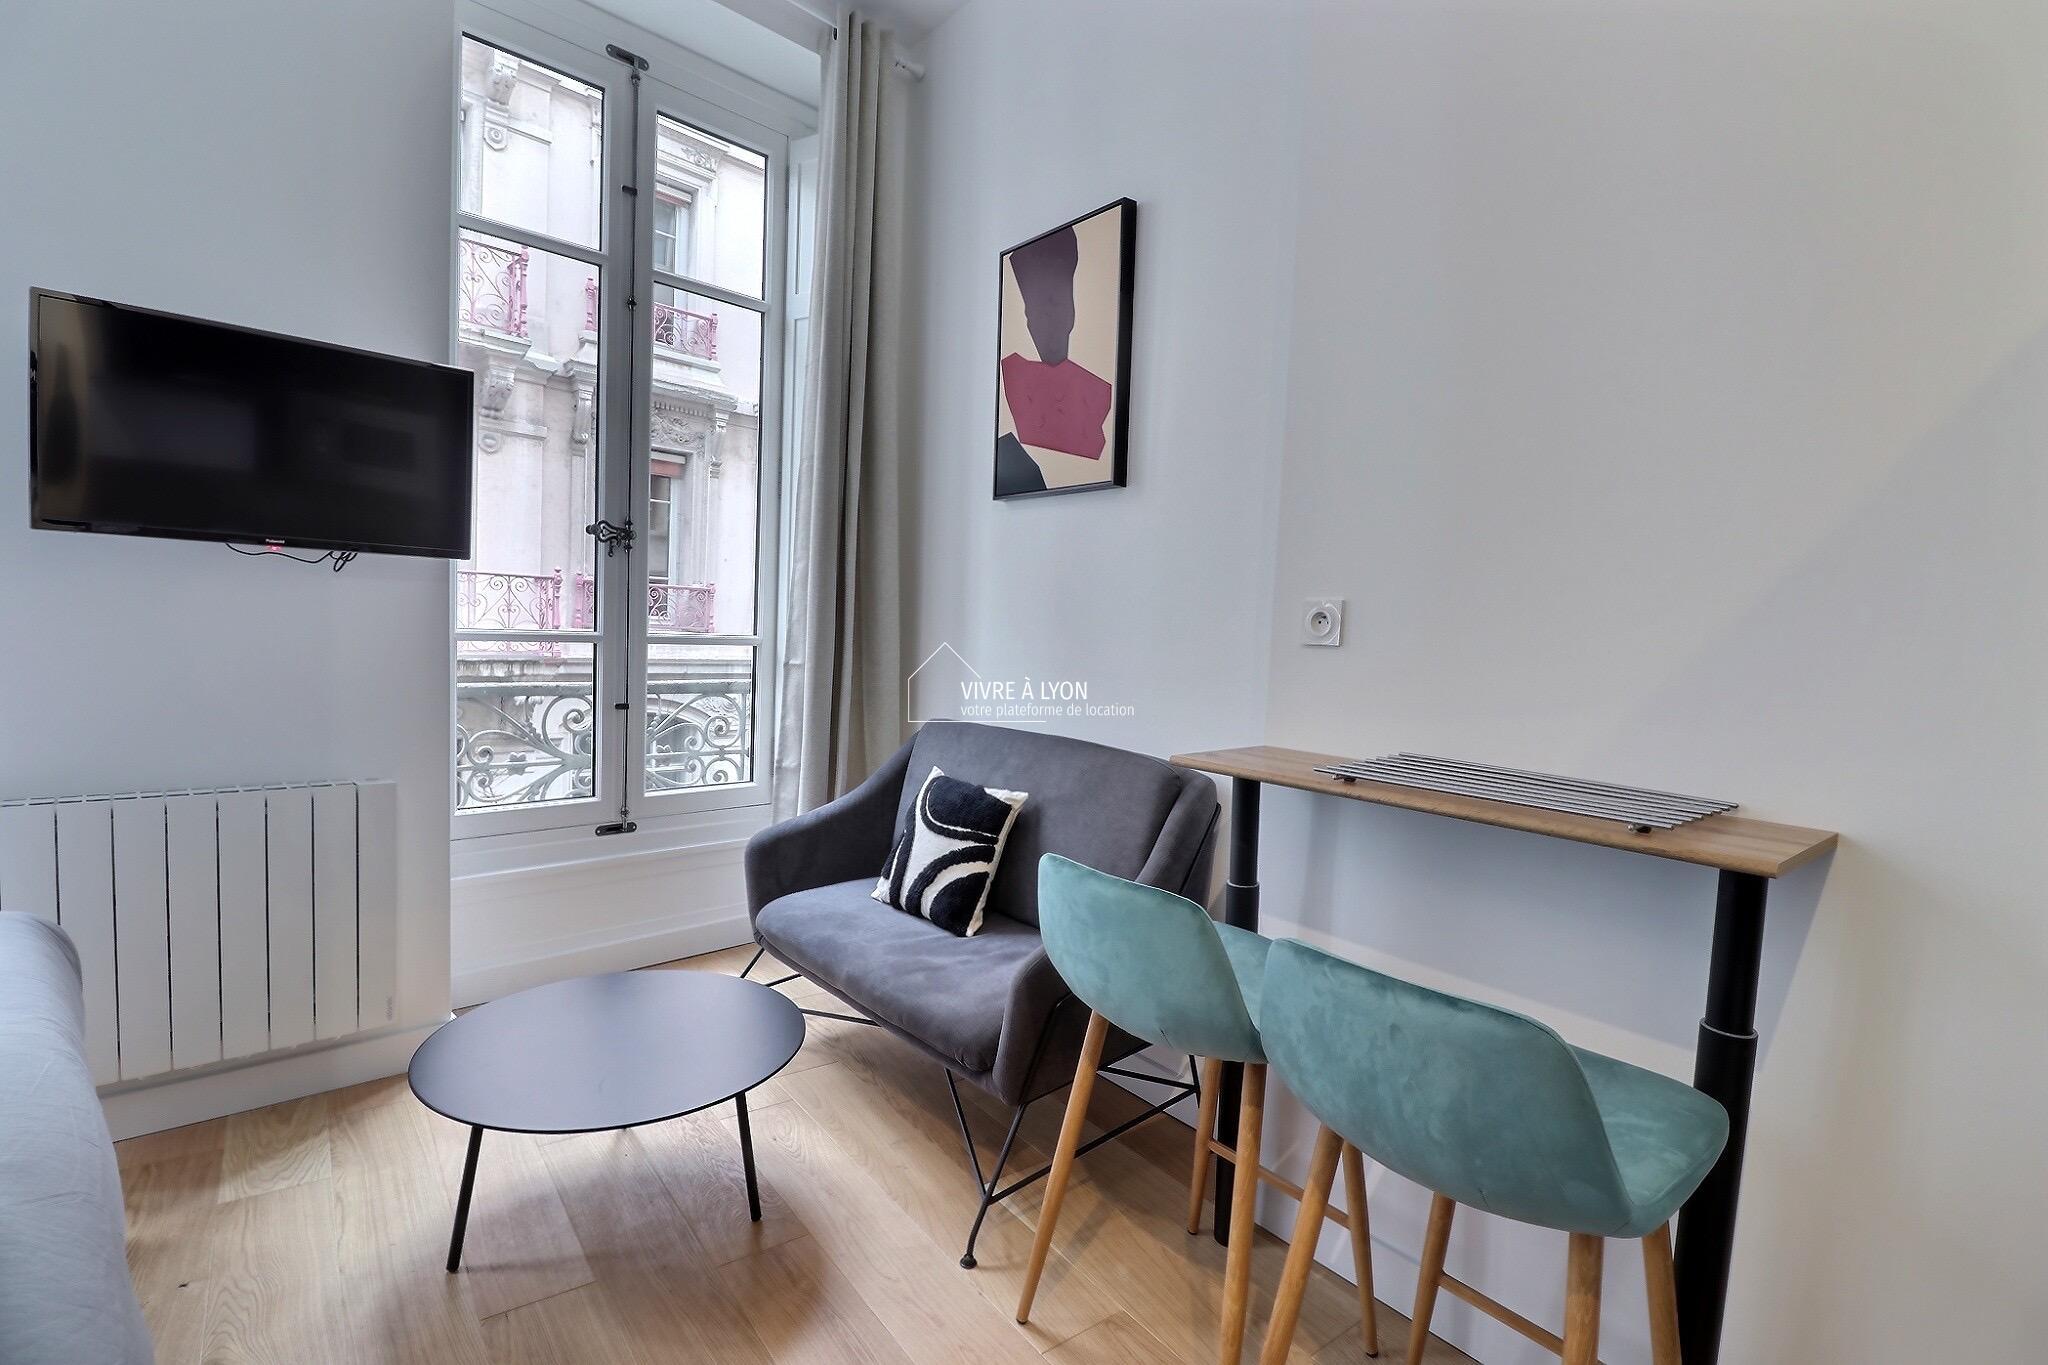 Vivre à Lyon location courte durée